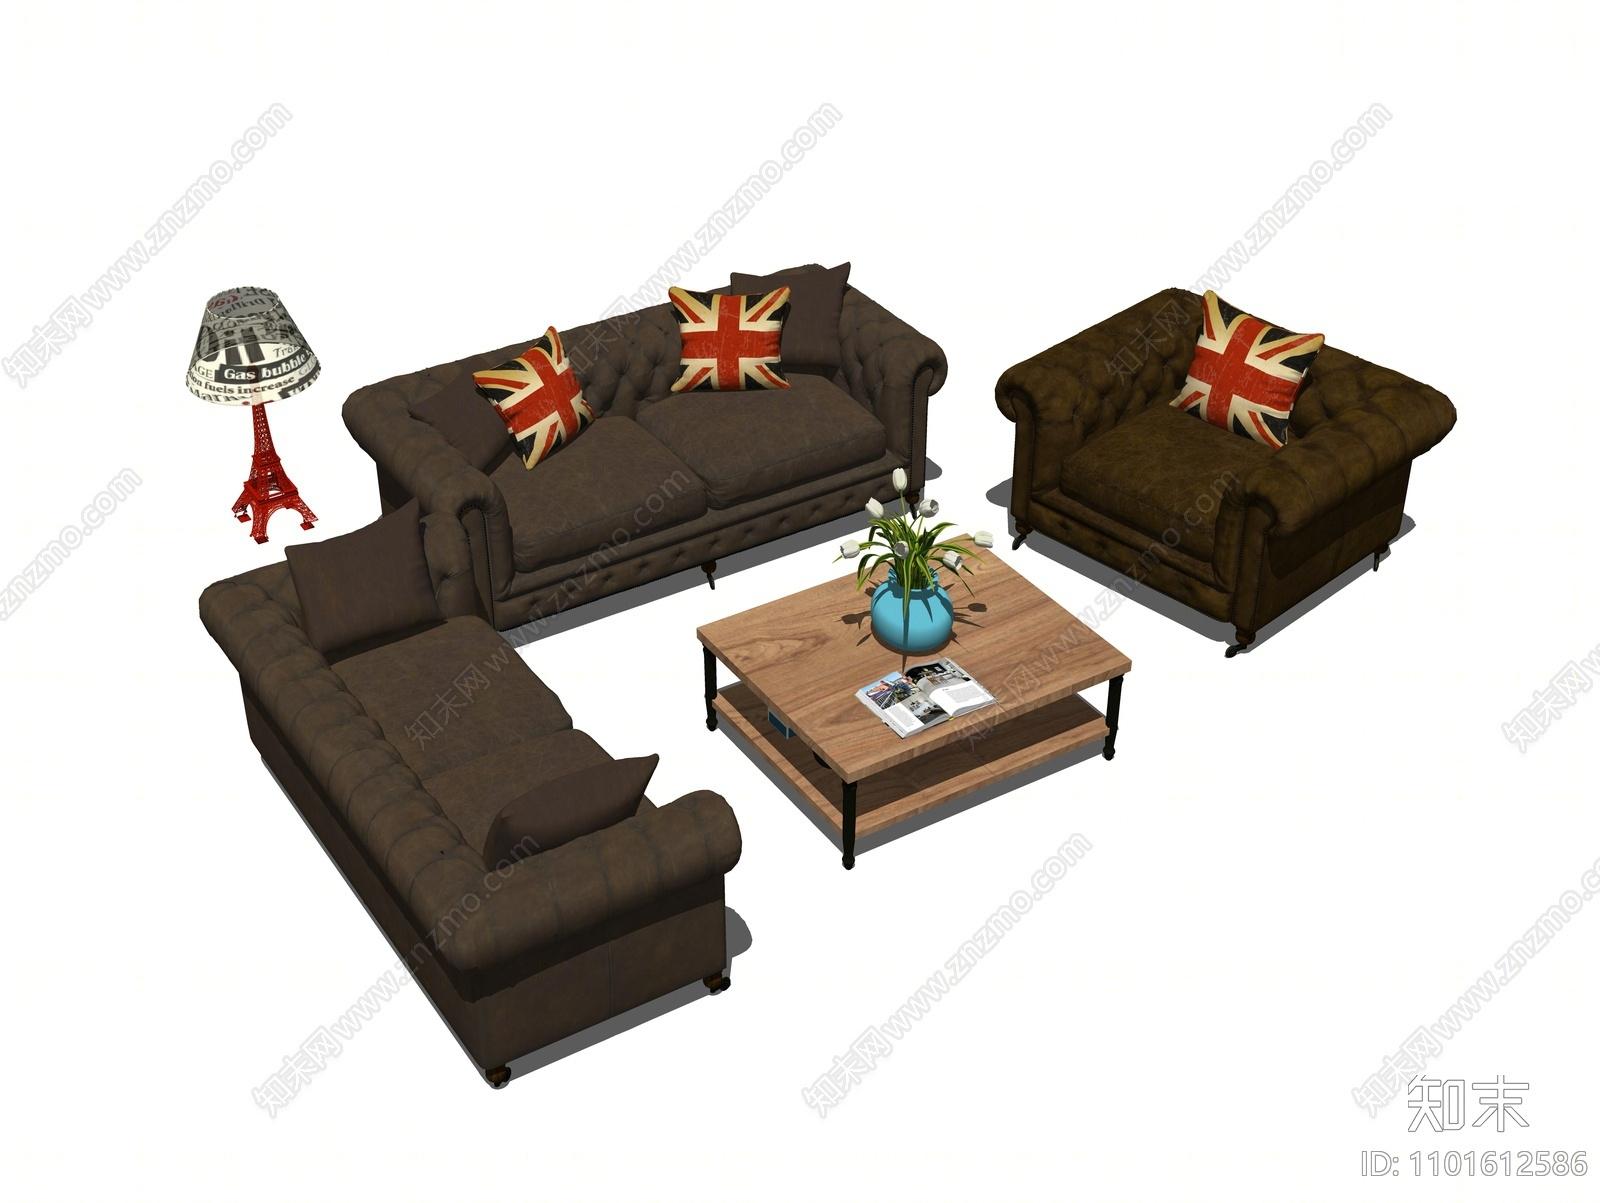 欧式沙发茶几组合SU模型下载【ID:1101612586】